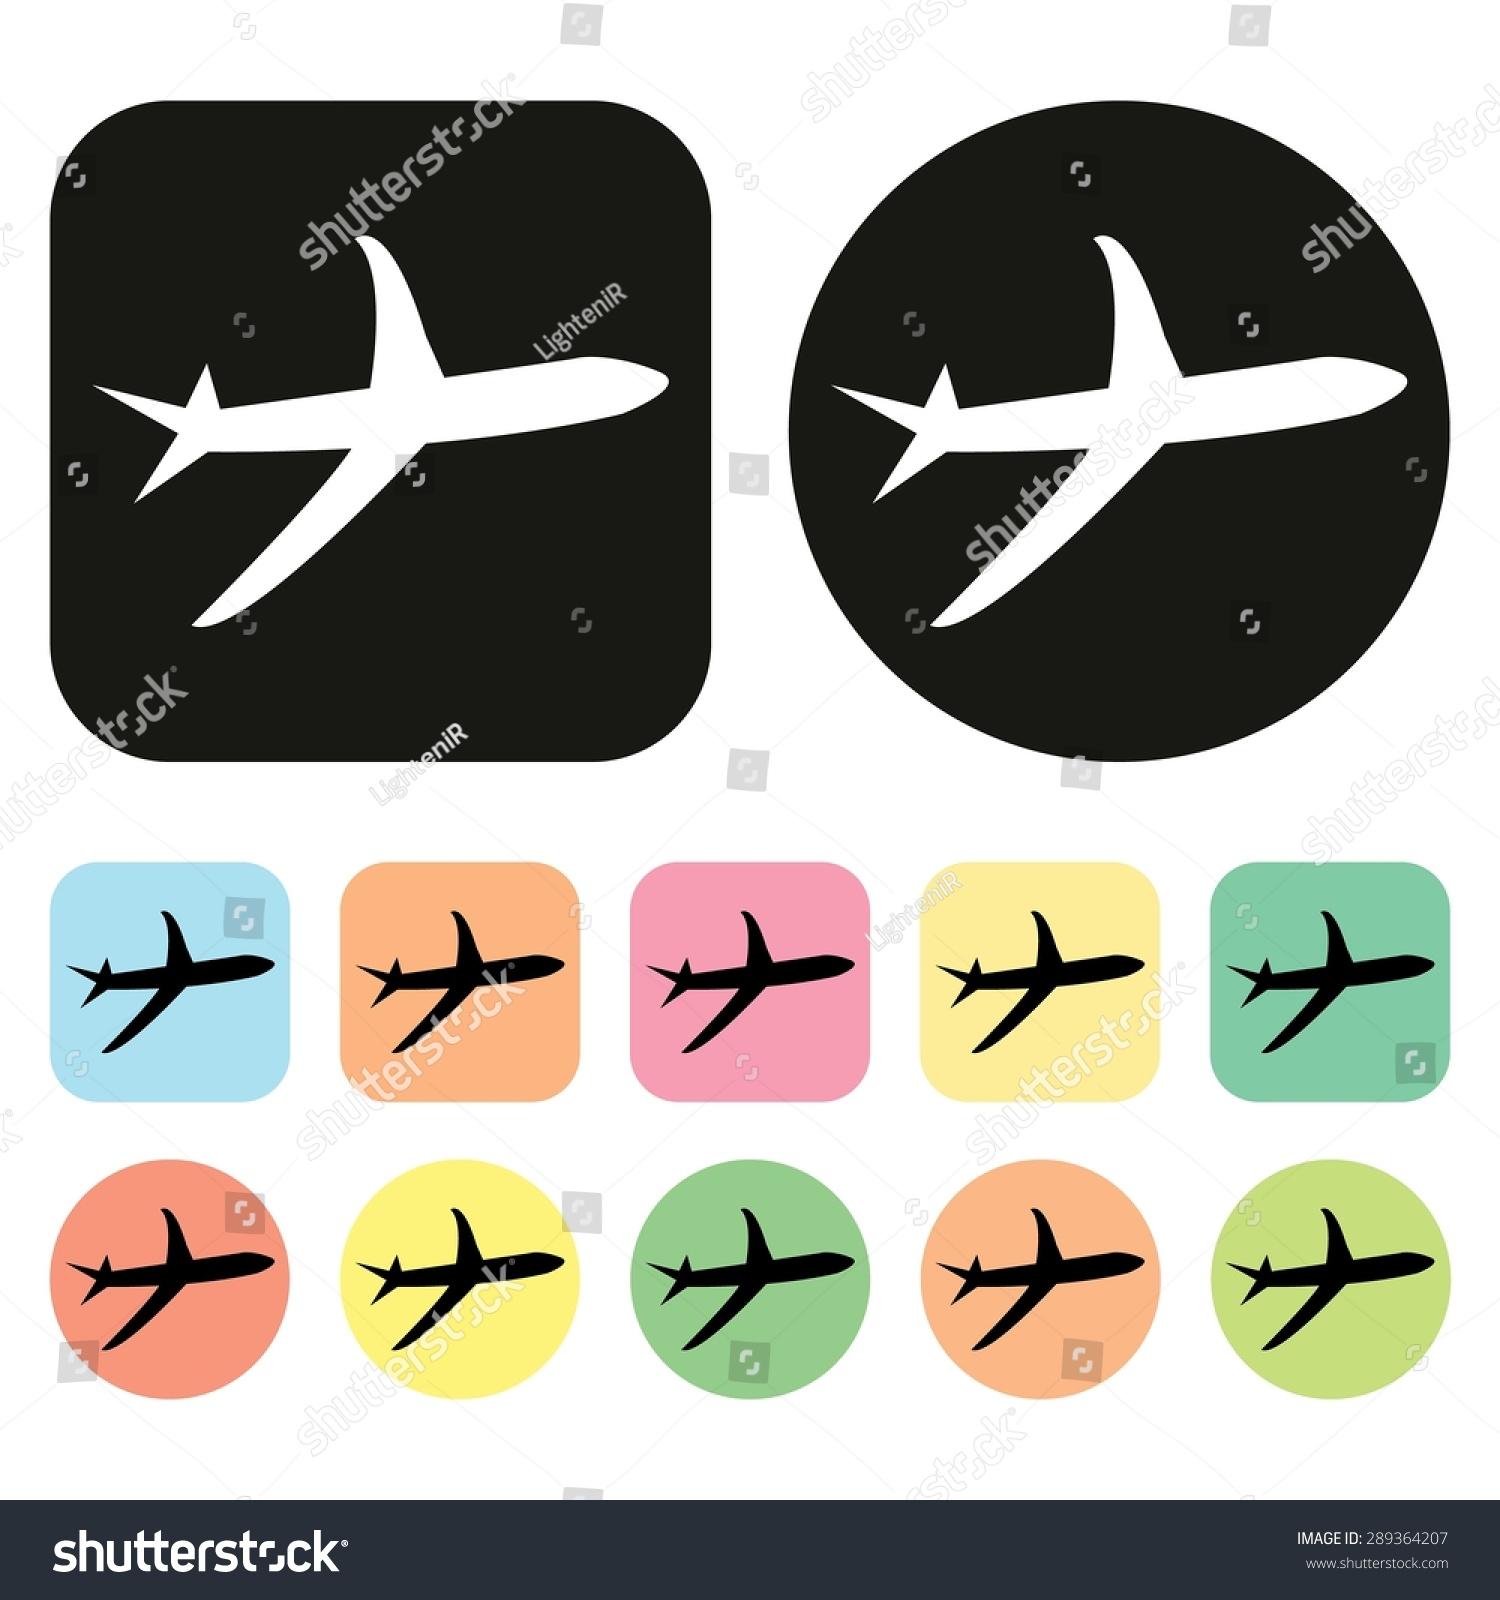 飞机图标.向量-交通运输,符号/标志-海洛()